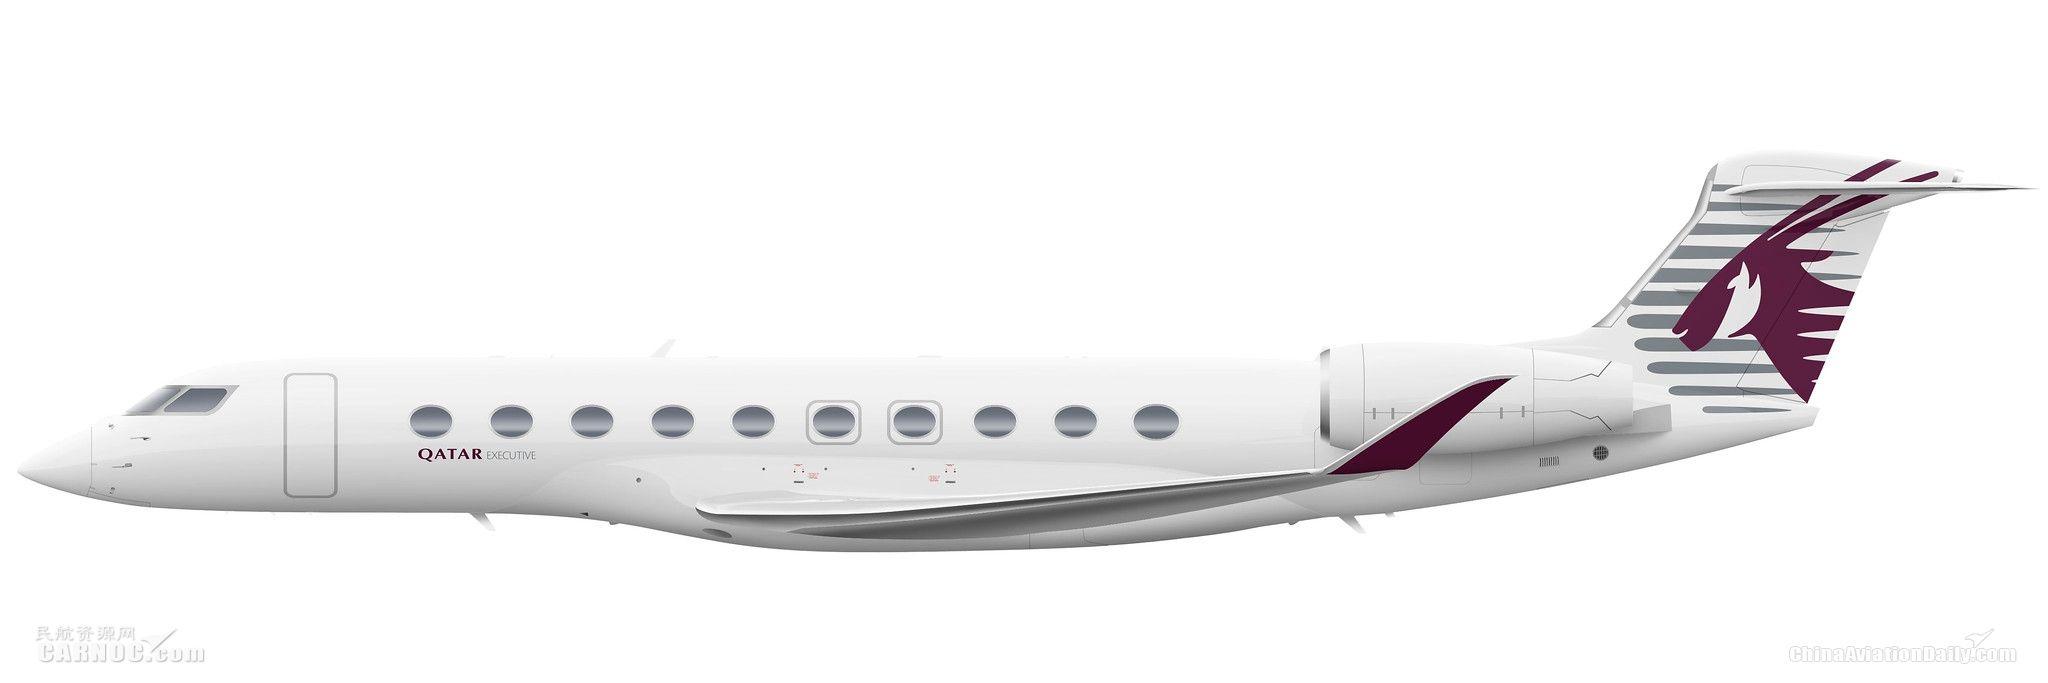 卡航成为湾流G700启动客户 宣布订购十架湾流G700